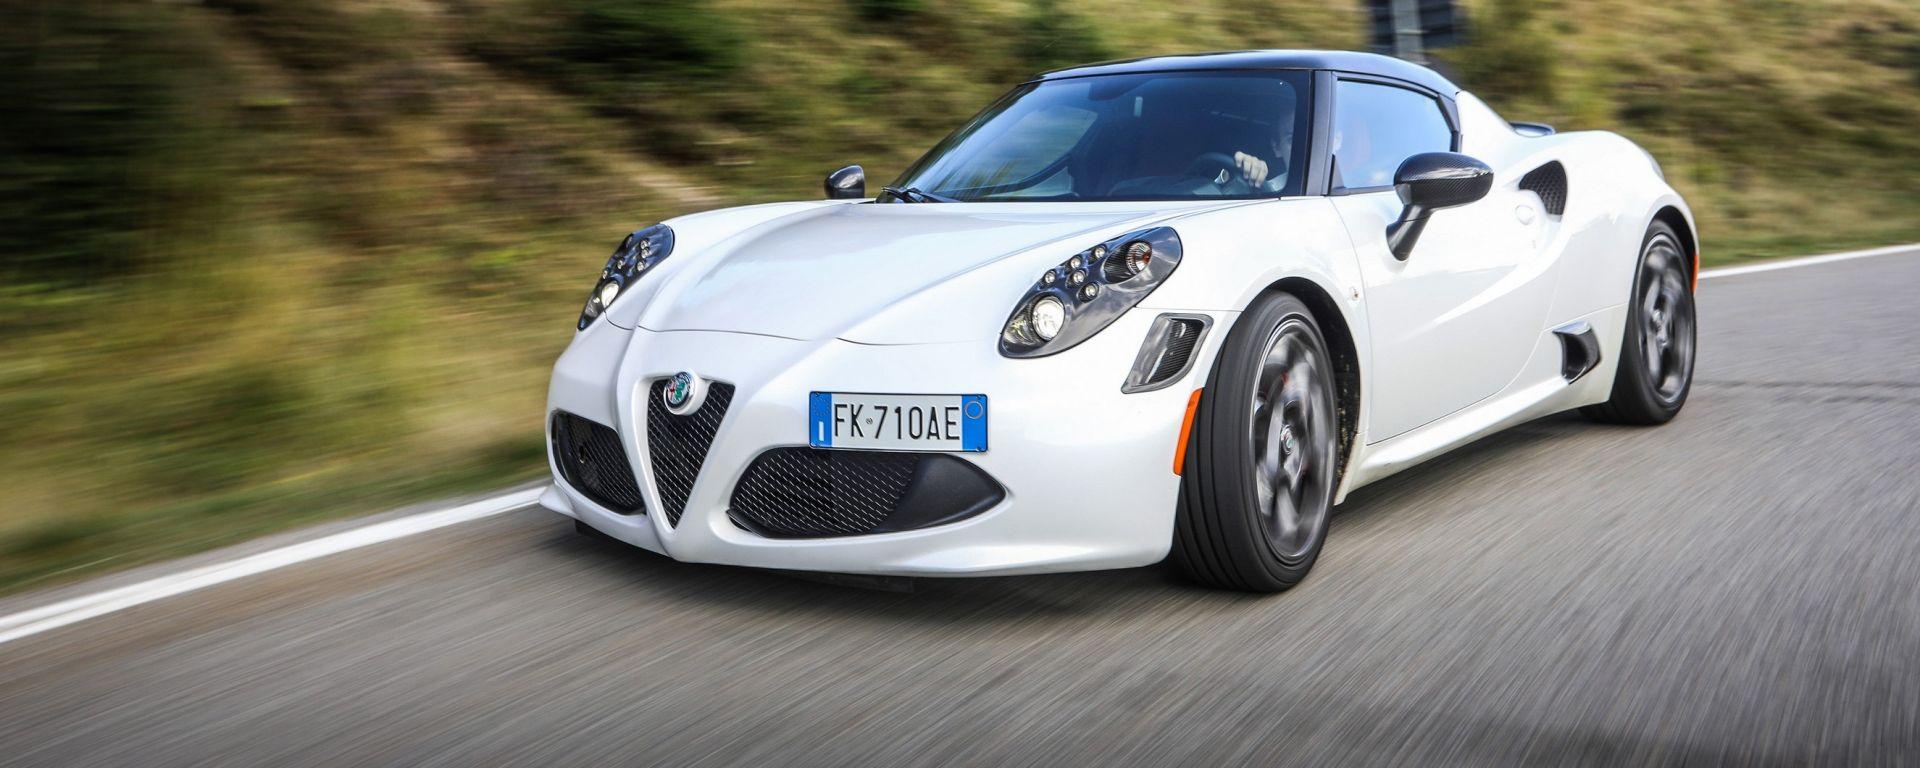 nuovi speciali vendite calde nuovo stile Alfa Romeo 4C Competizione: scheda tecnica, prova su strada ...